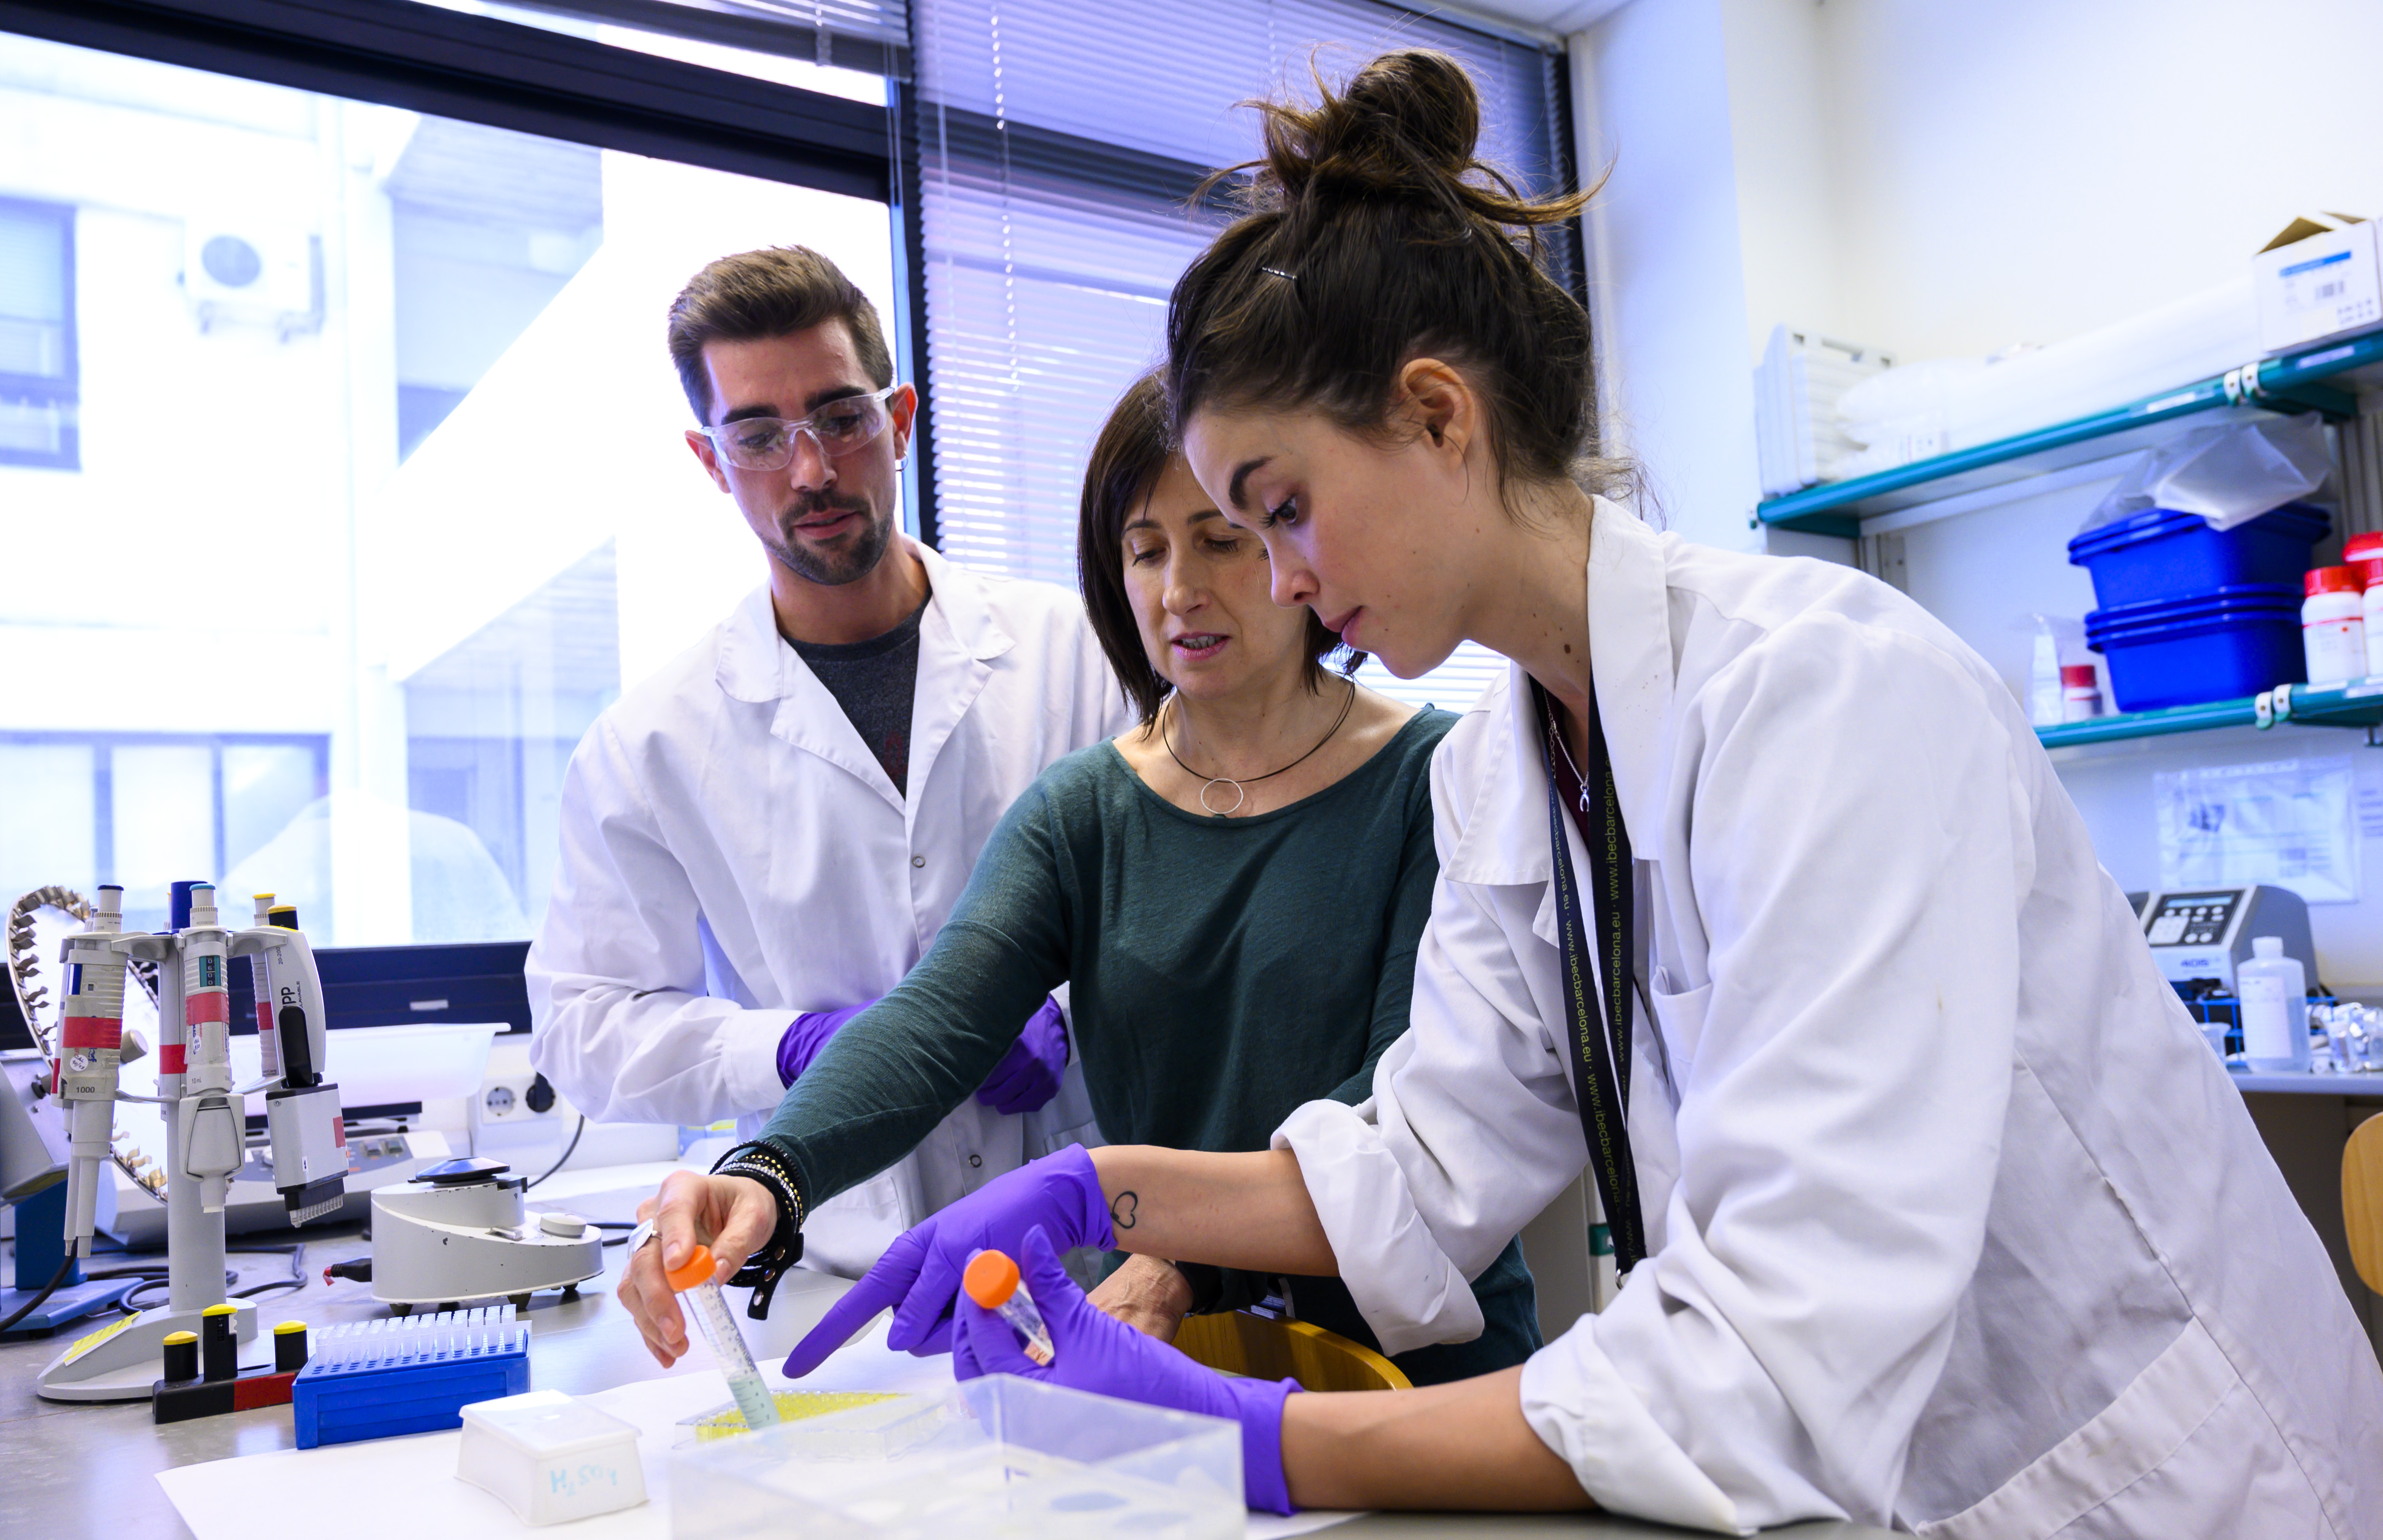 imagen de Jóvenes investigadores trabajando en el laboratorio./ CÉSAR HERNÁNDEZ/ CSIC